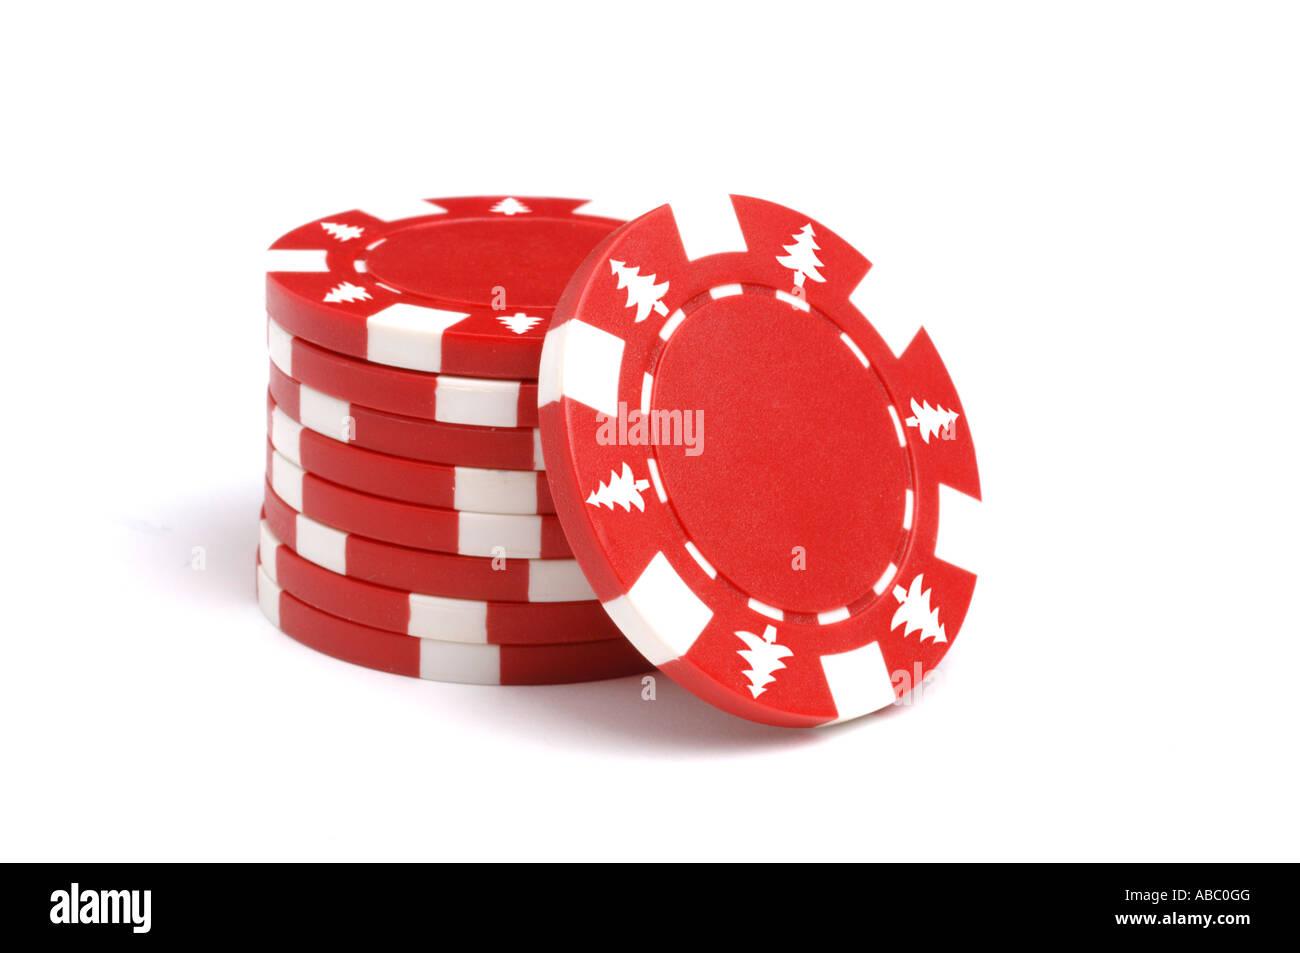 Red poker chips con albero di Natale iscrizioni Immagini Stock